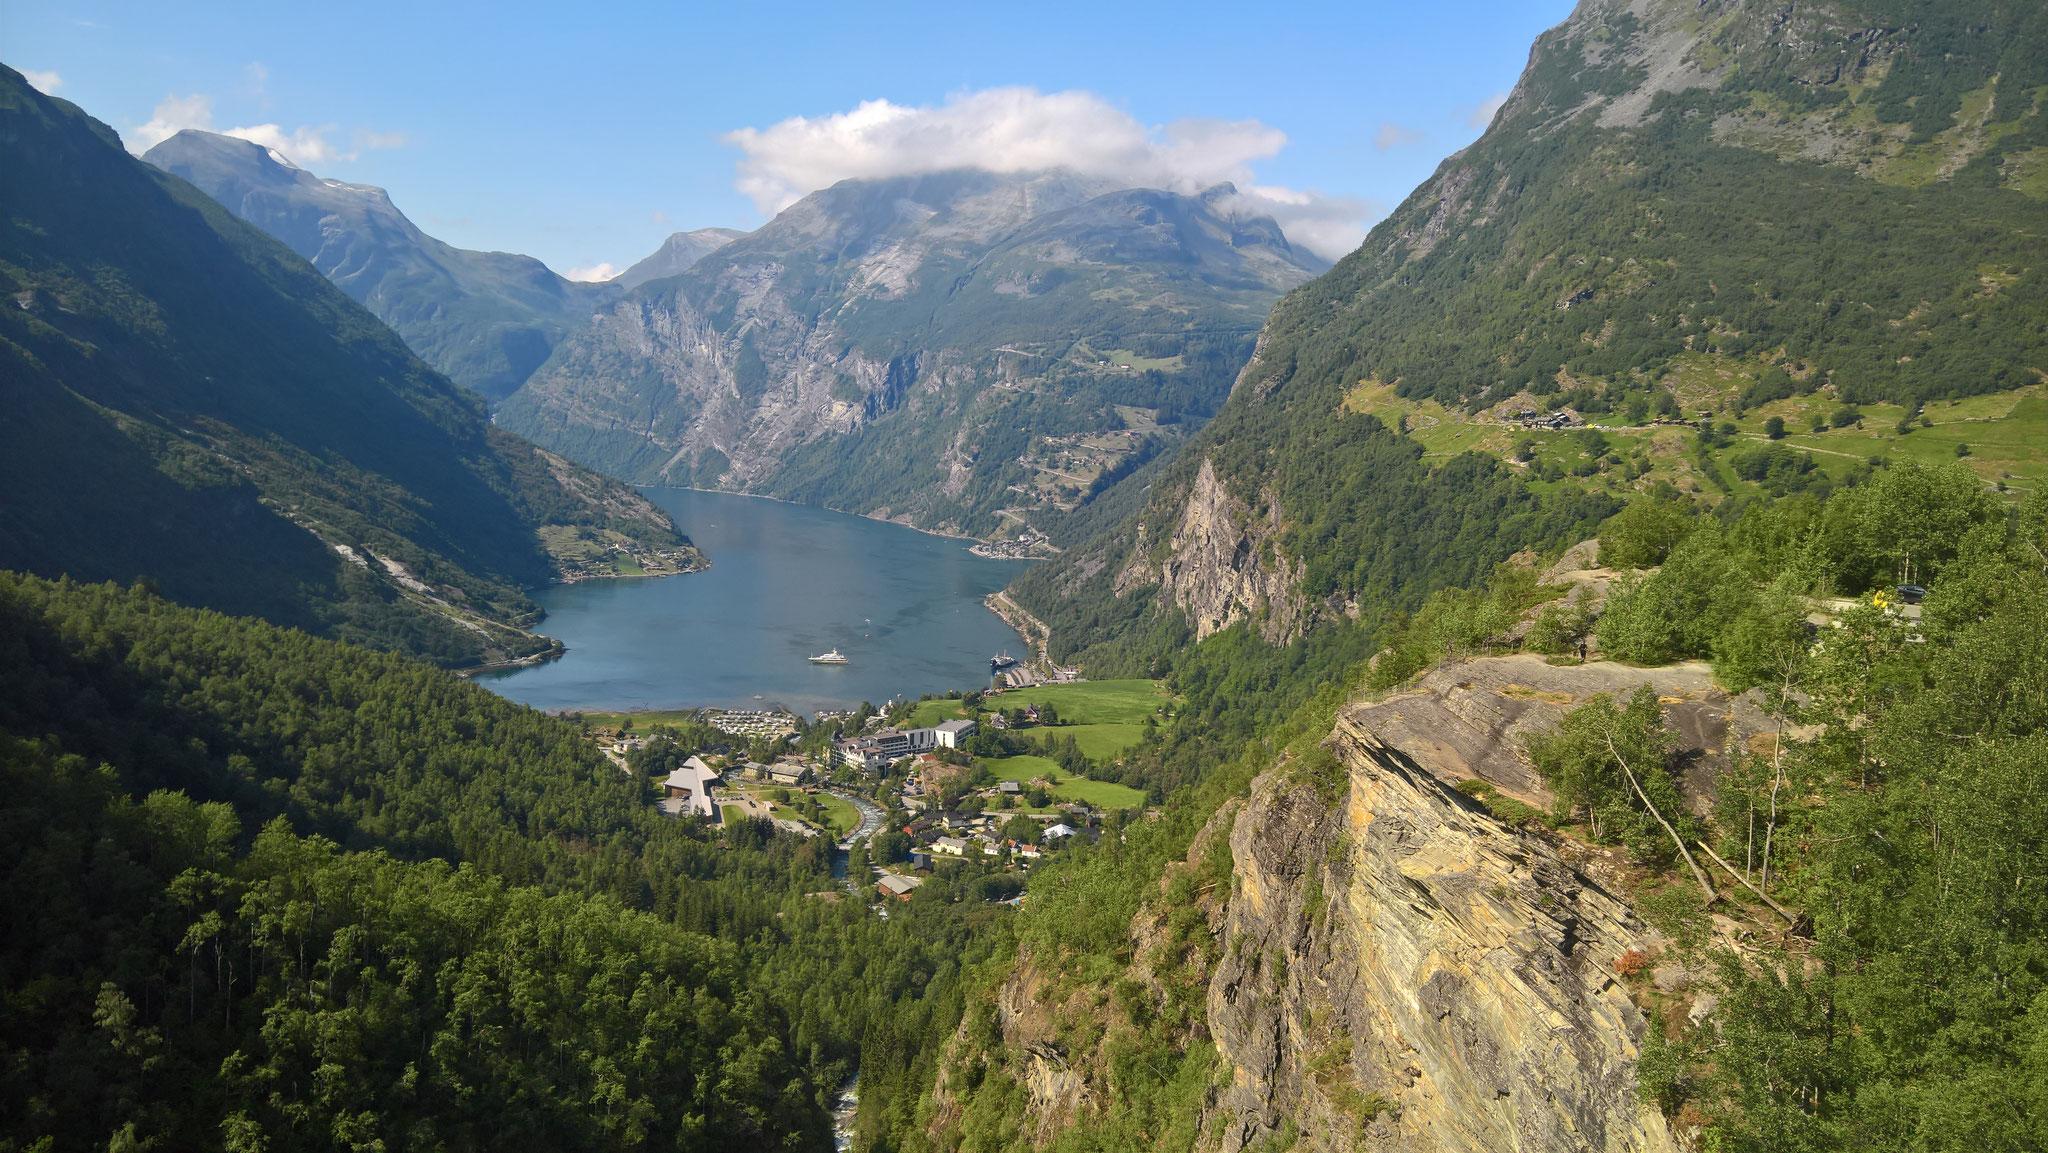 Blick auf Geiranger mit Fjord